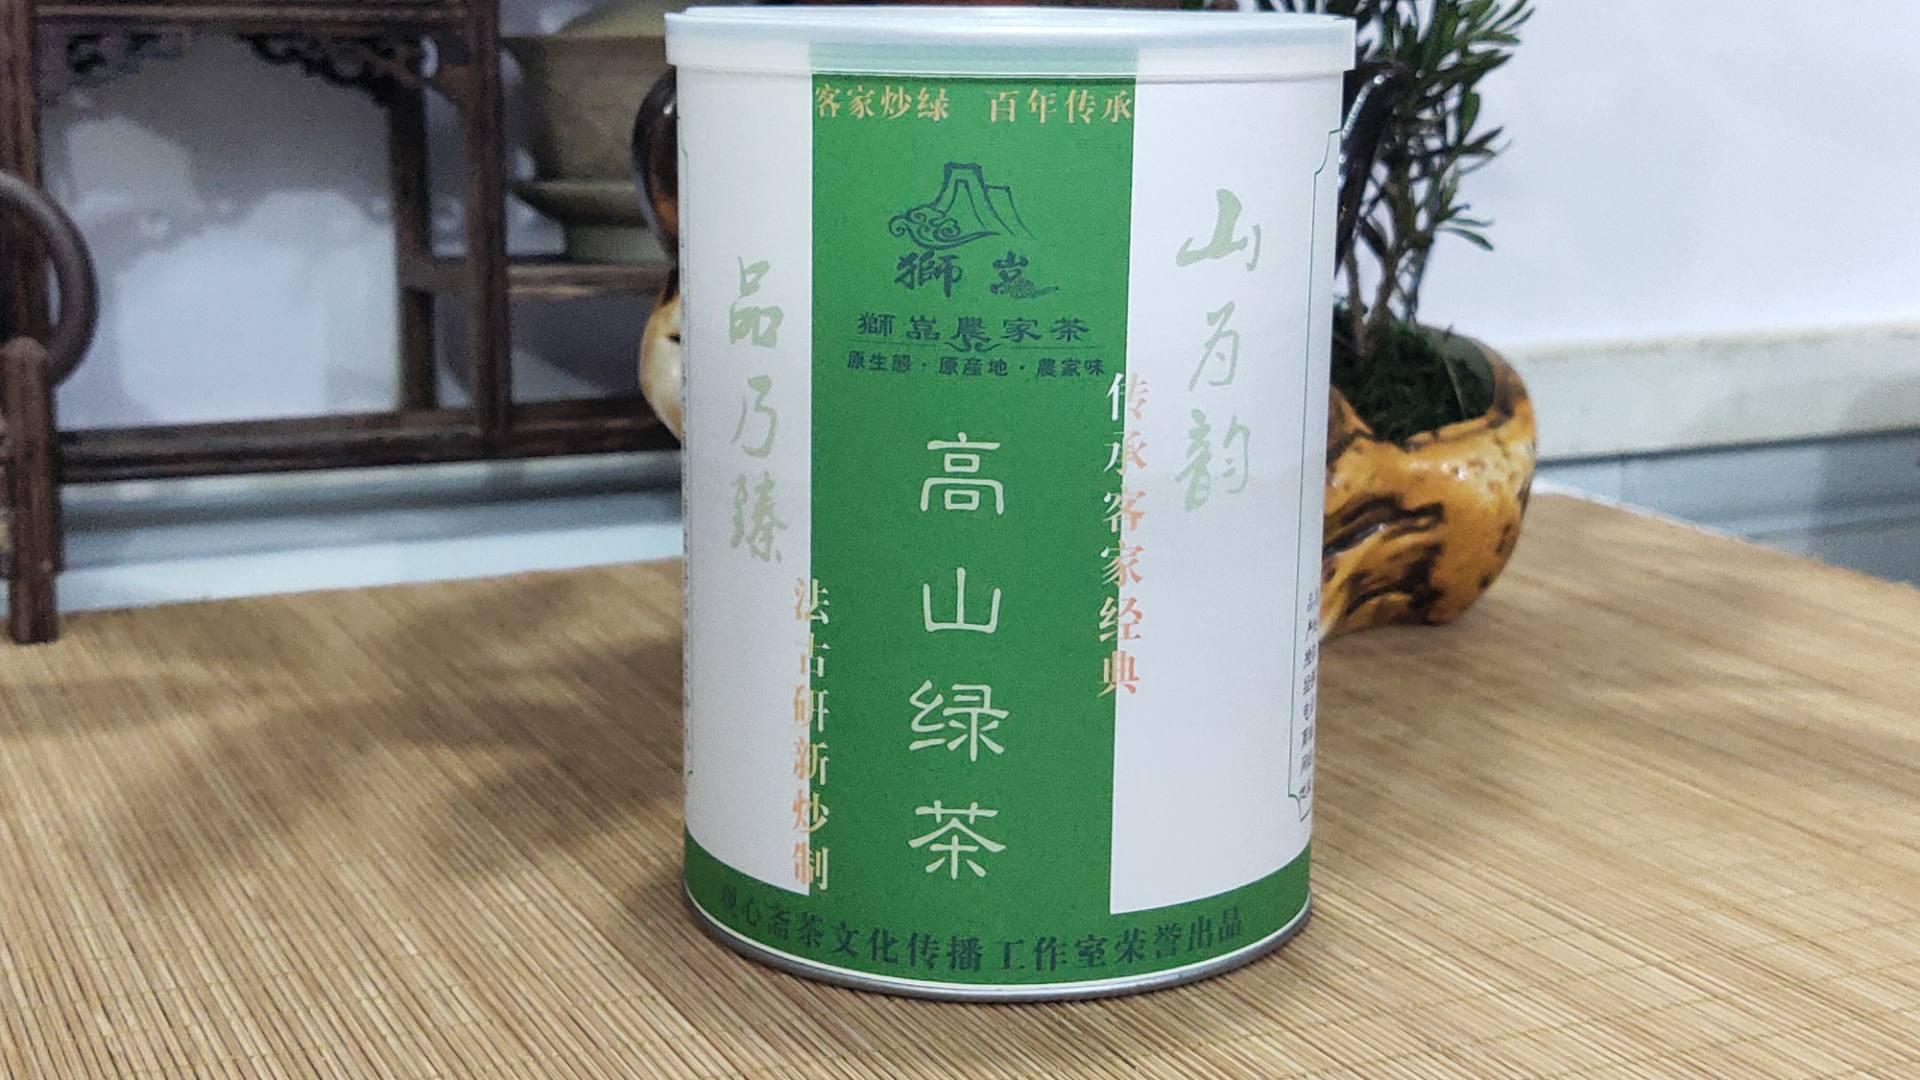 丰顺县农家高山客家绿茶2020秋125克体验装